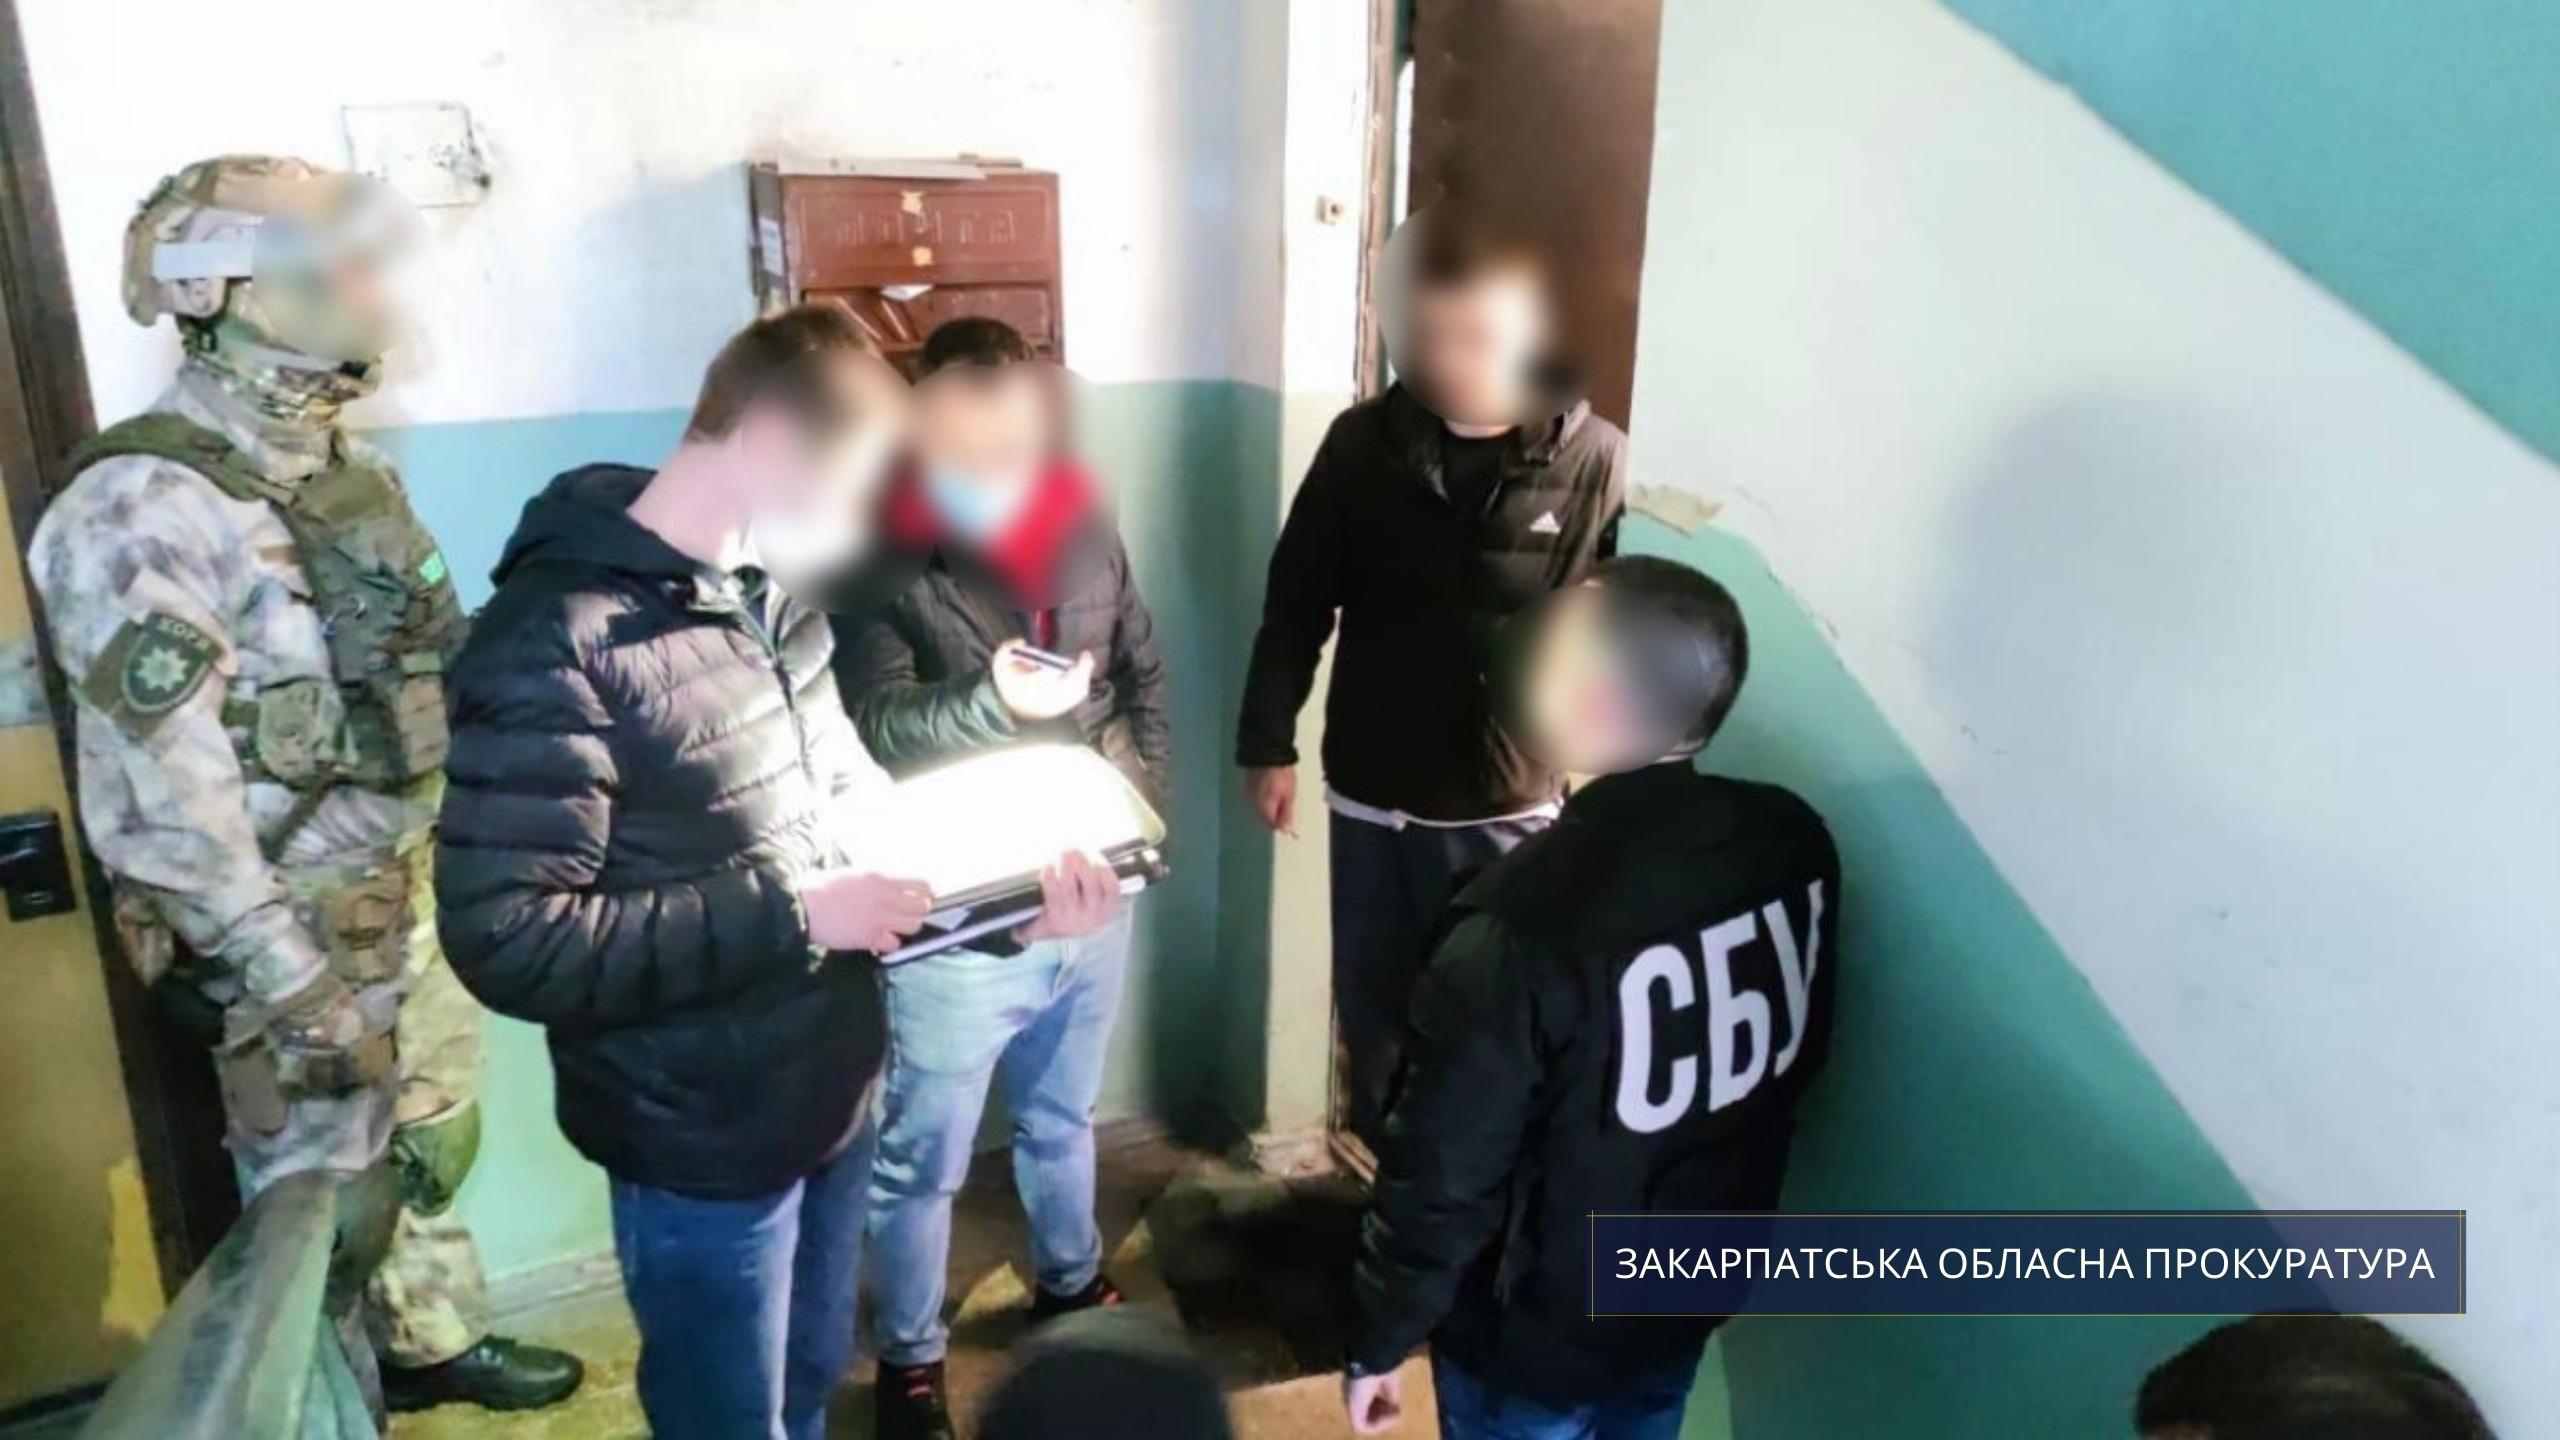 Прокурор Рериховской районной прокуратуры утвердил и направил в суд обвинительное заключение в отношении трех лиц за нарушение равенства граждан в зависимости от их национальности.